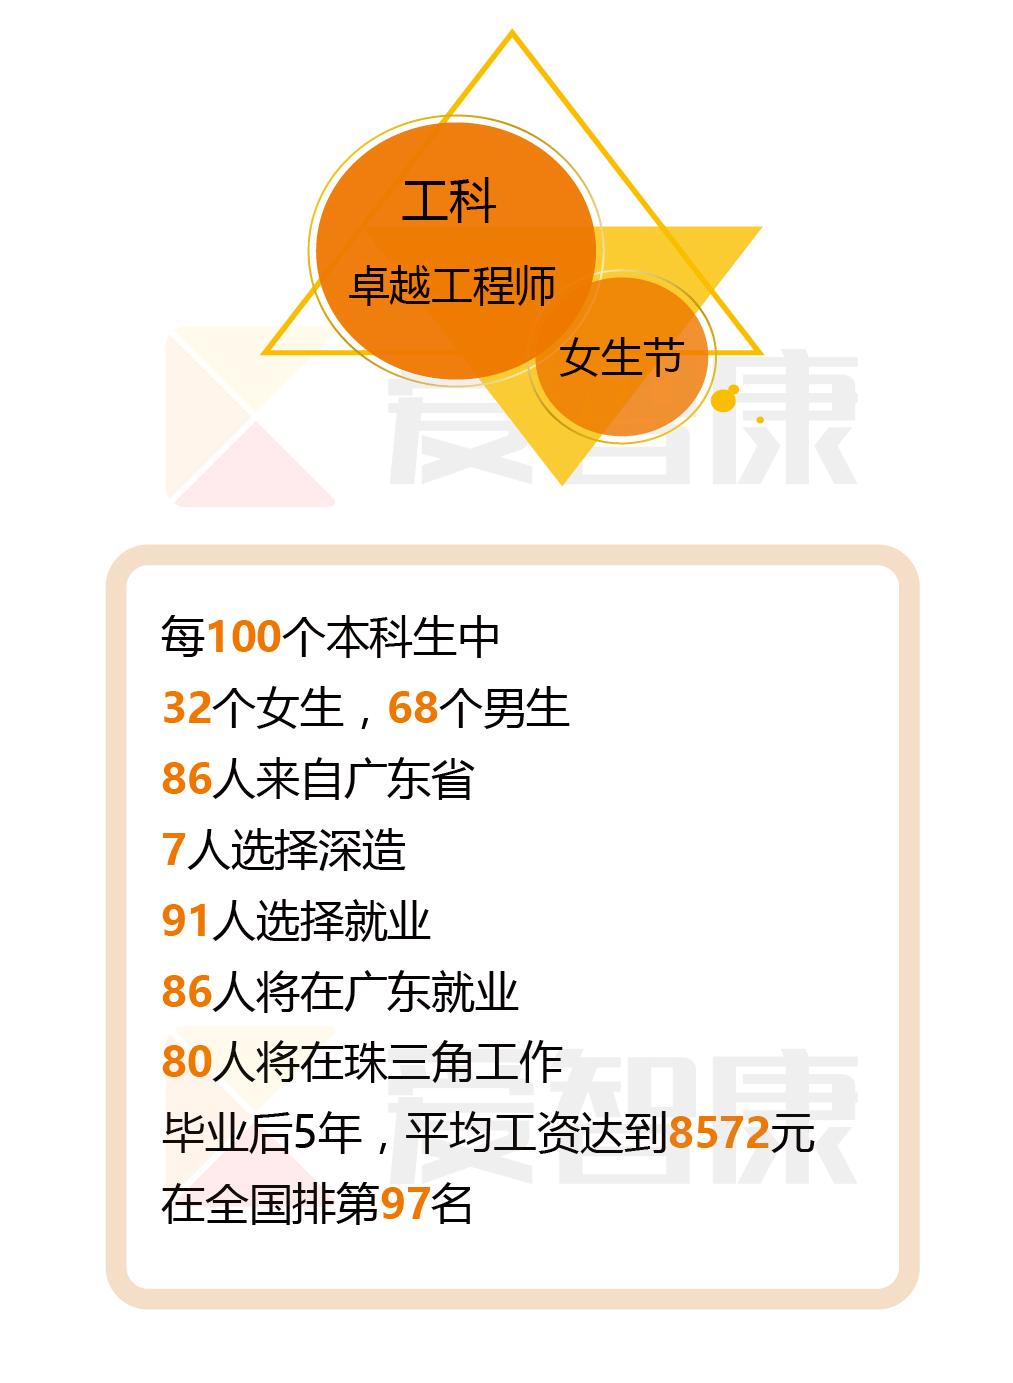 广东工业大学学校特色